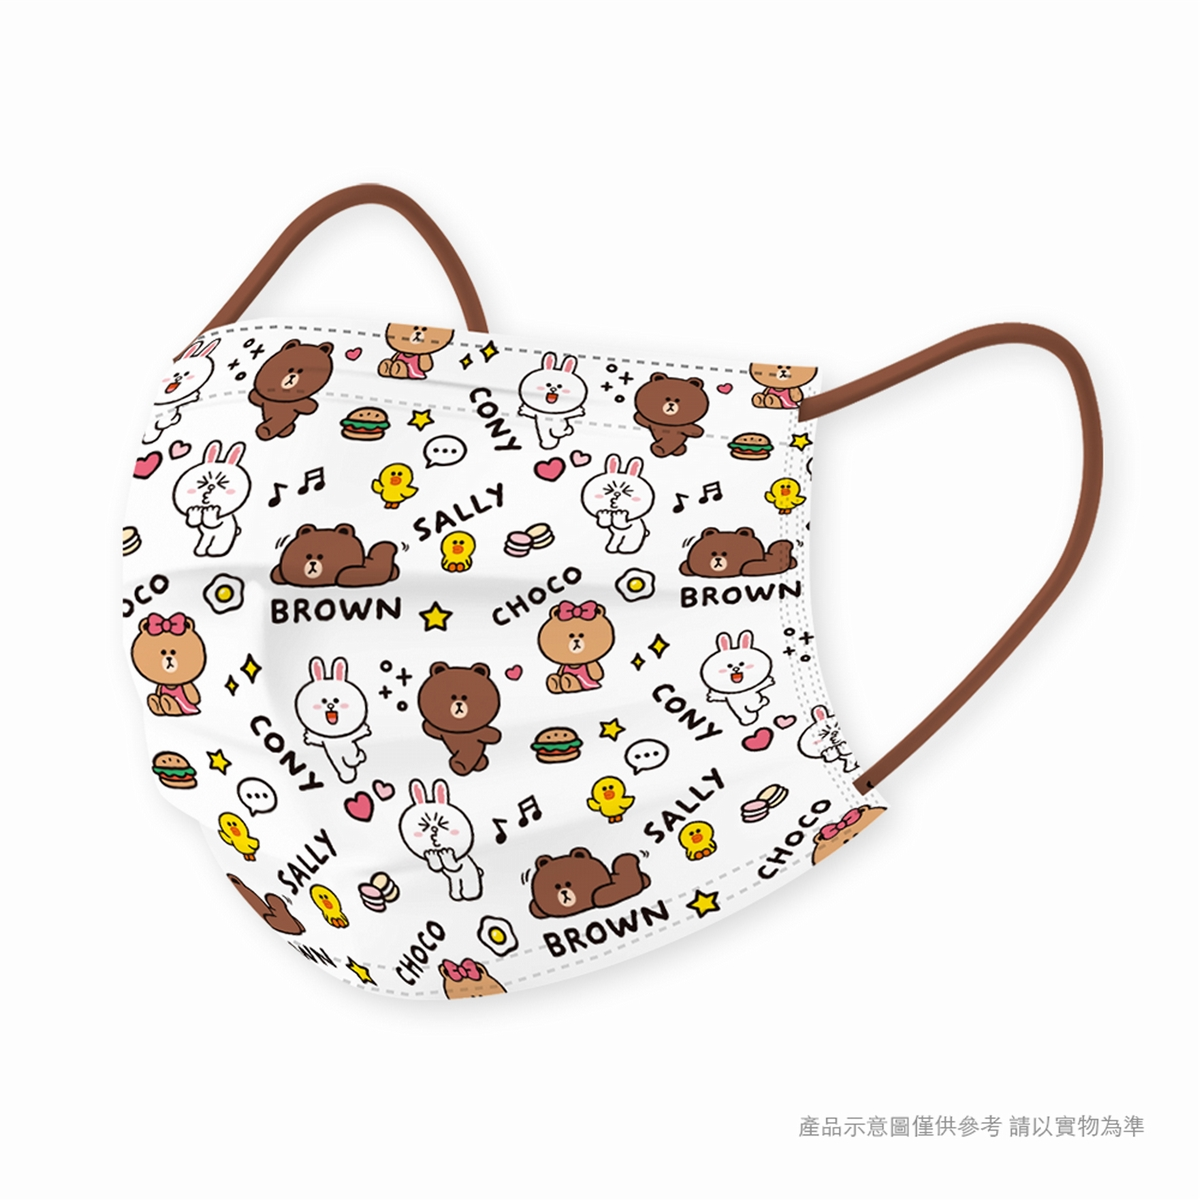 最新限量LINE FRIENDS口罩熊大、兔兔變身漢堡和披薩!開賣時間、通路一次看!